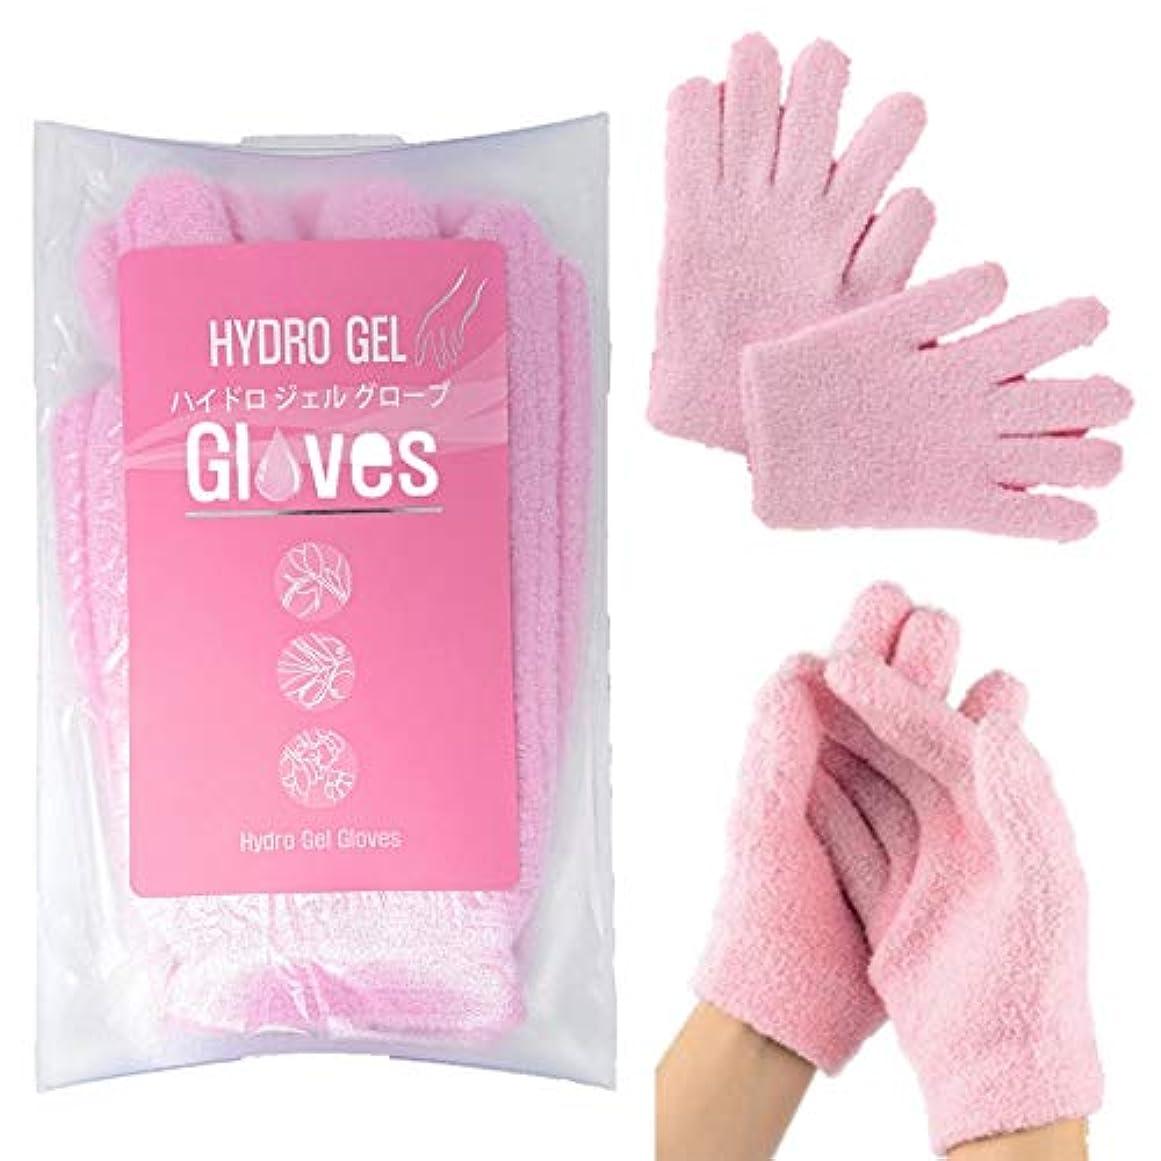 海峡目の前の置き場美容 保湿 手袋 Mediet ハイドロ ジェル グローブ フリーサイズ 肌のカサカサ 痒み 防止 緩和